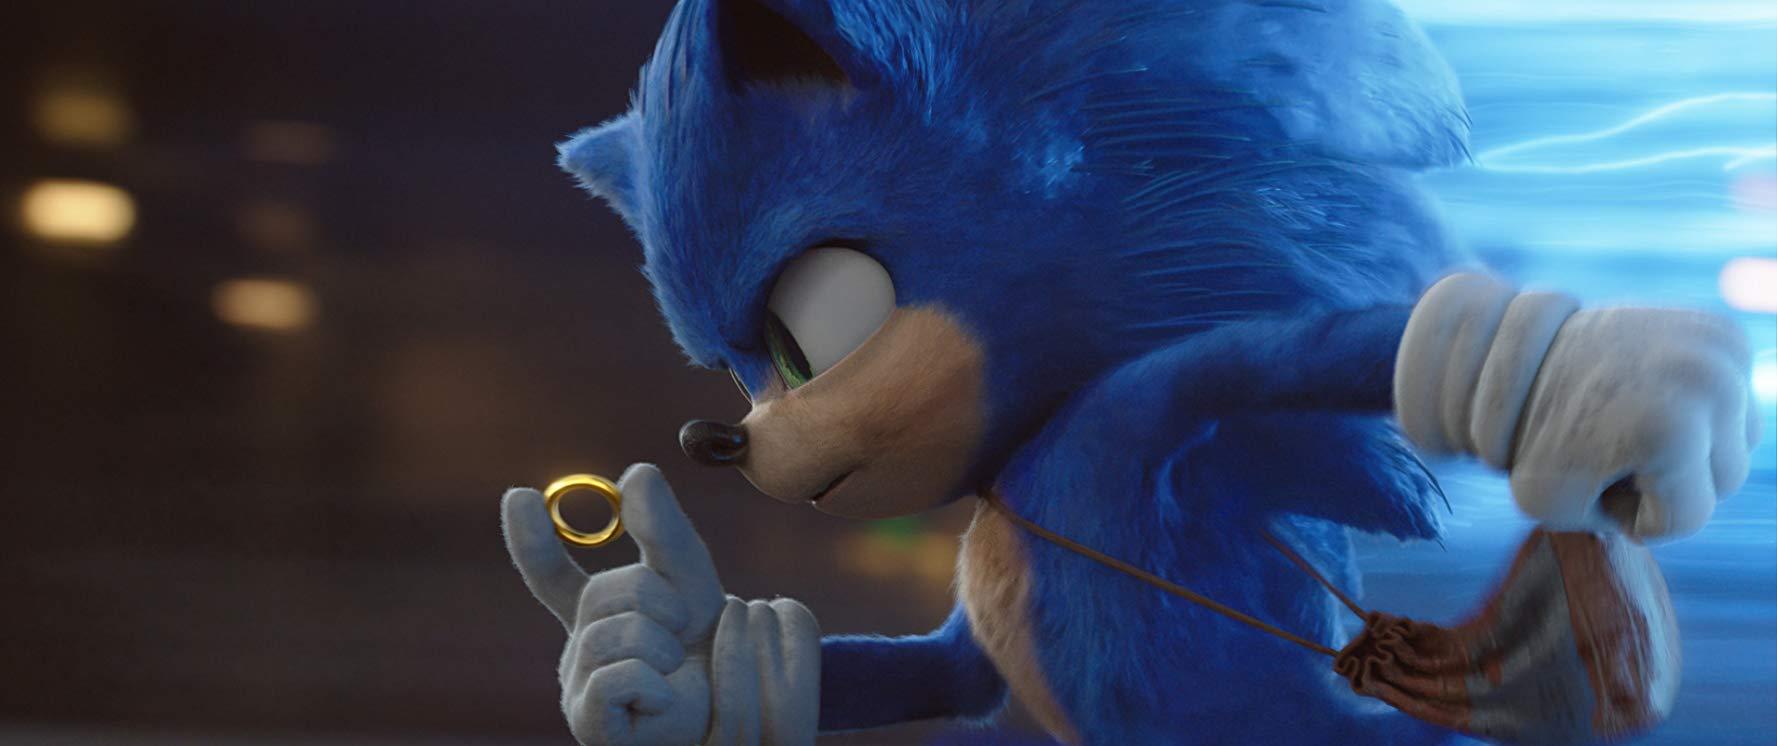 Sonic deve arrecadar US$ 45 milhões na estreia nos EUA